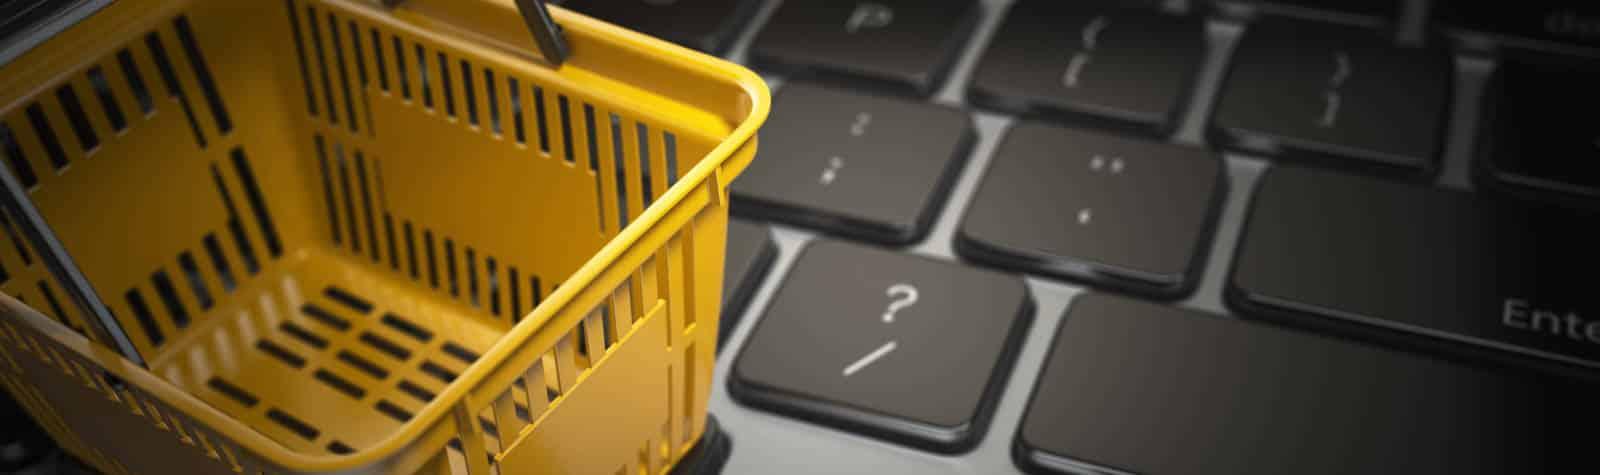 Zakupy przez Internet w Norwegii – zmiany w przepisach